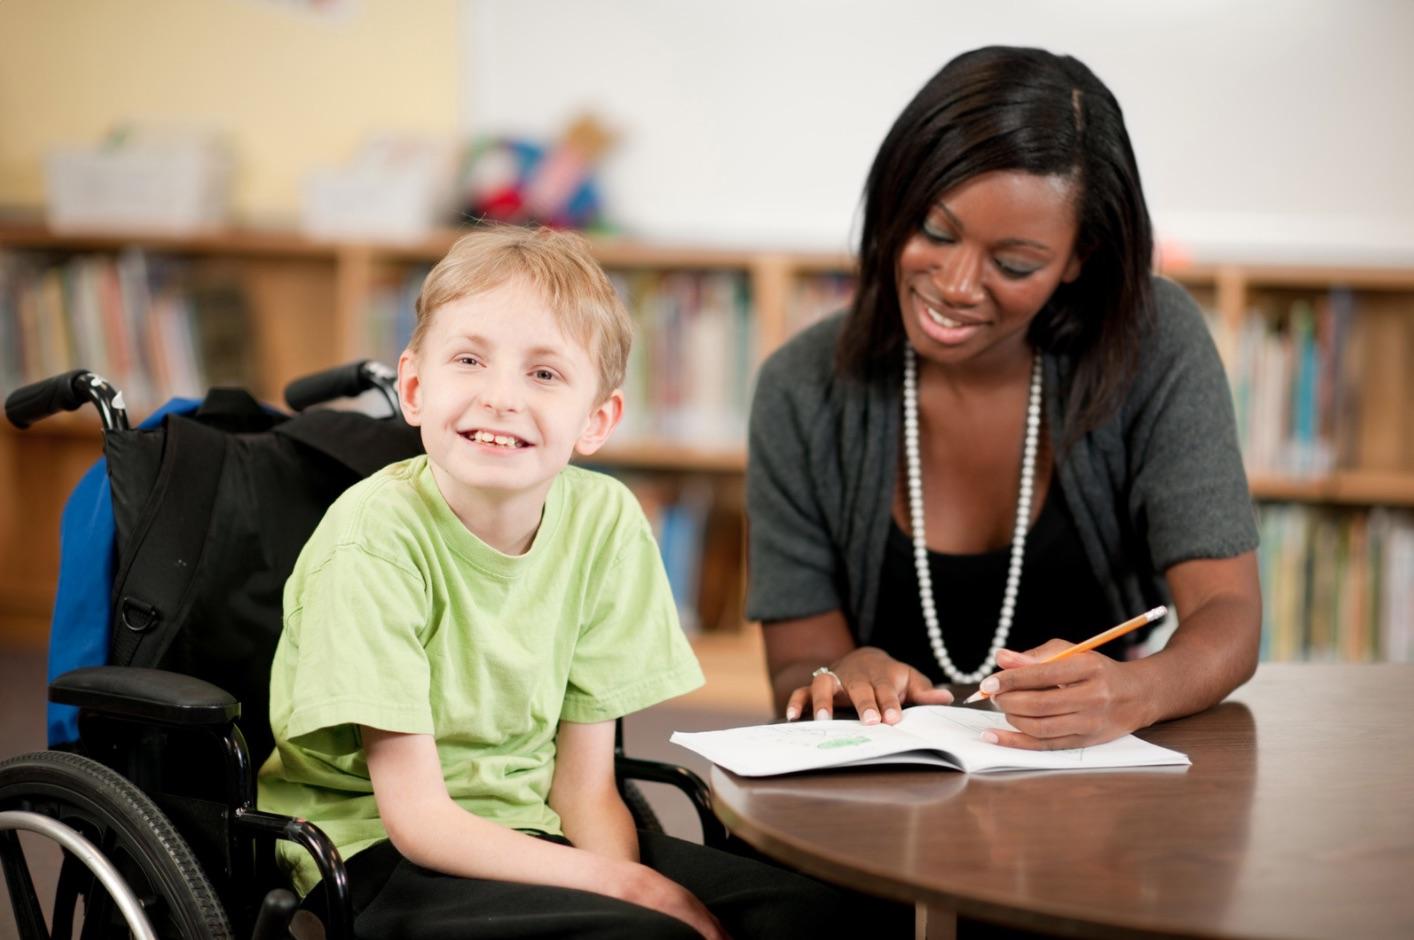 Garder des enfants à besoins spécifiques - Avez-vous les capacités ?